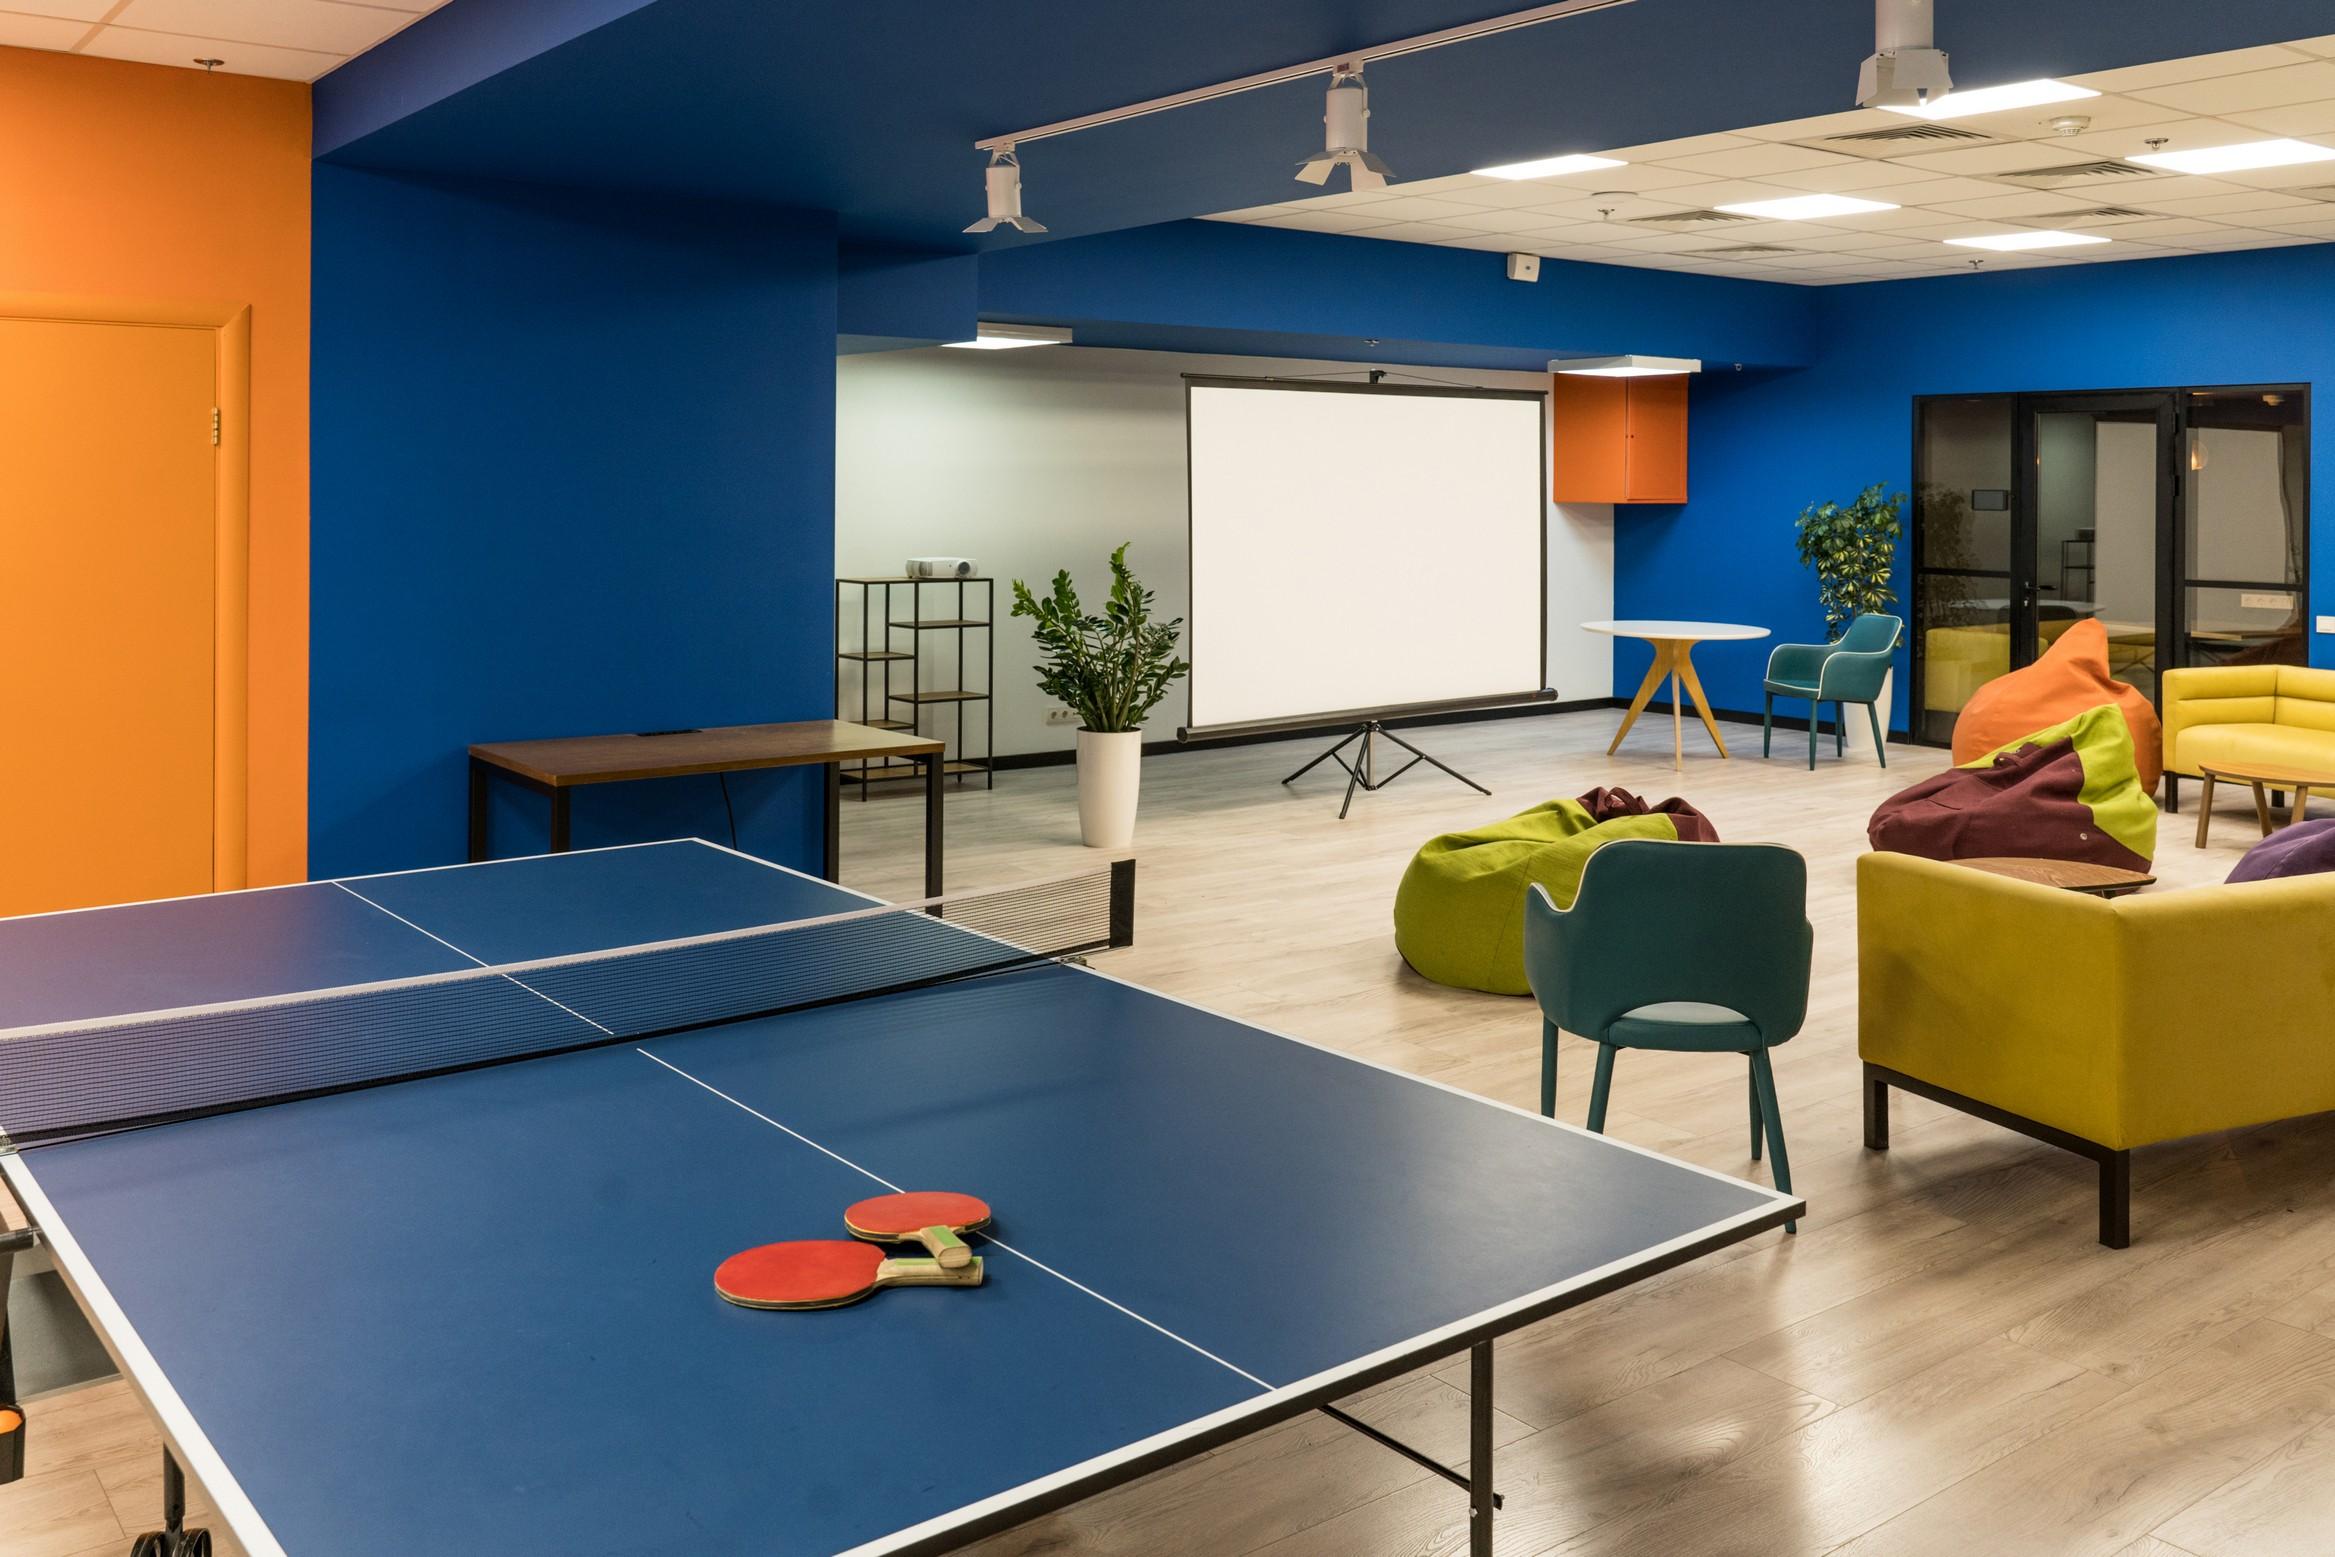 Subsidized Break Room Benefits in Phoenix